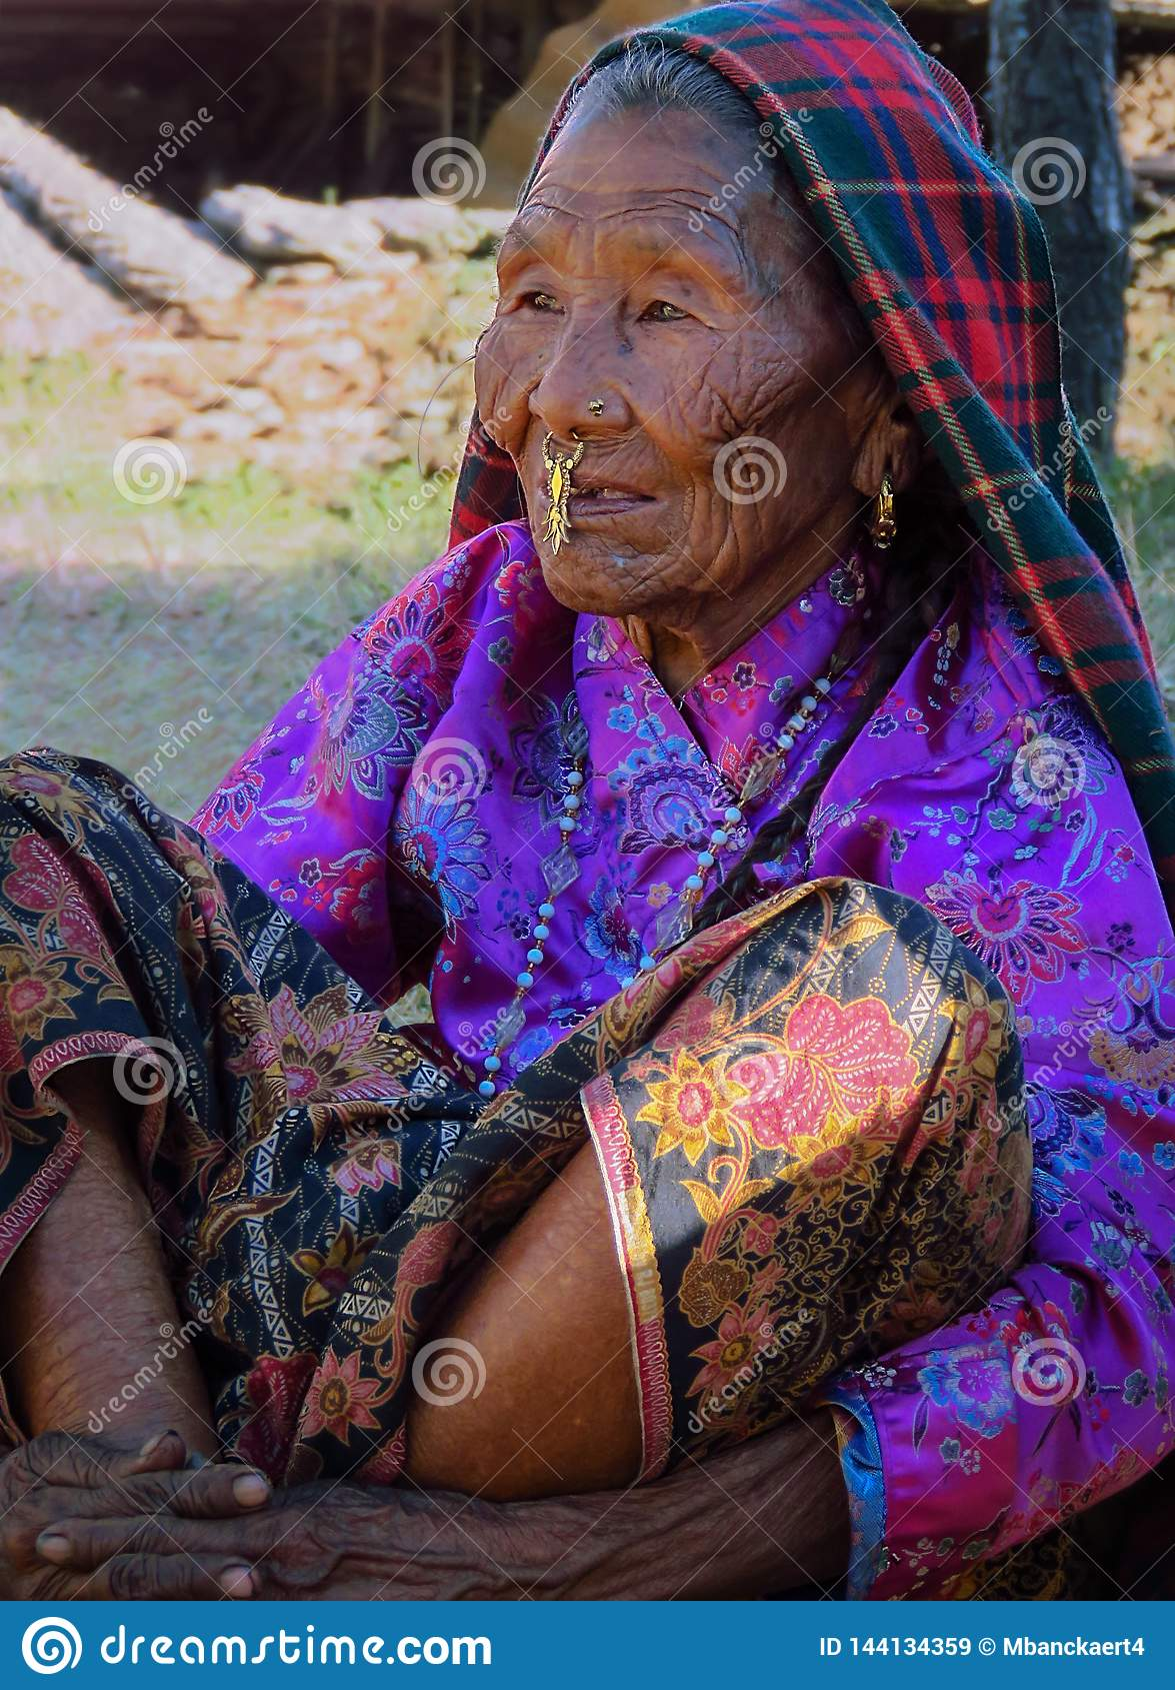 Ηλικιωμένη γυναίκα Rai με το ζαρωμένο πρόσωπο στο παραδοσιακές φόρεμα και τις διακοσμήσεις